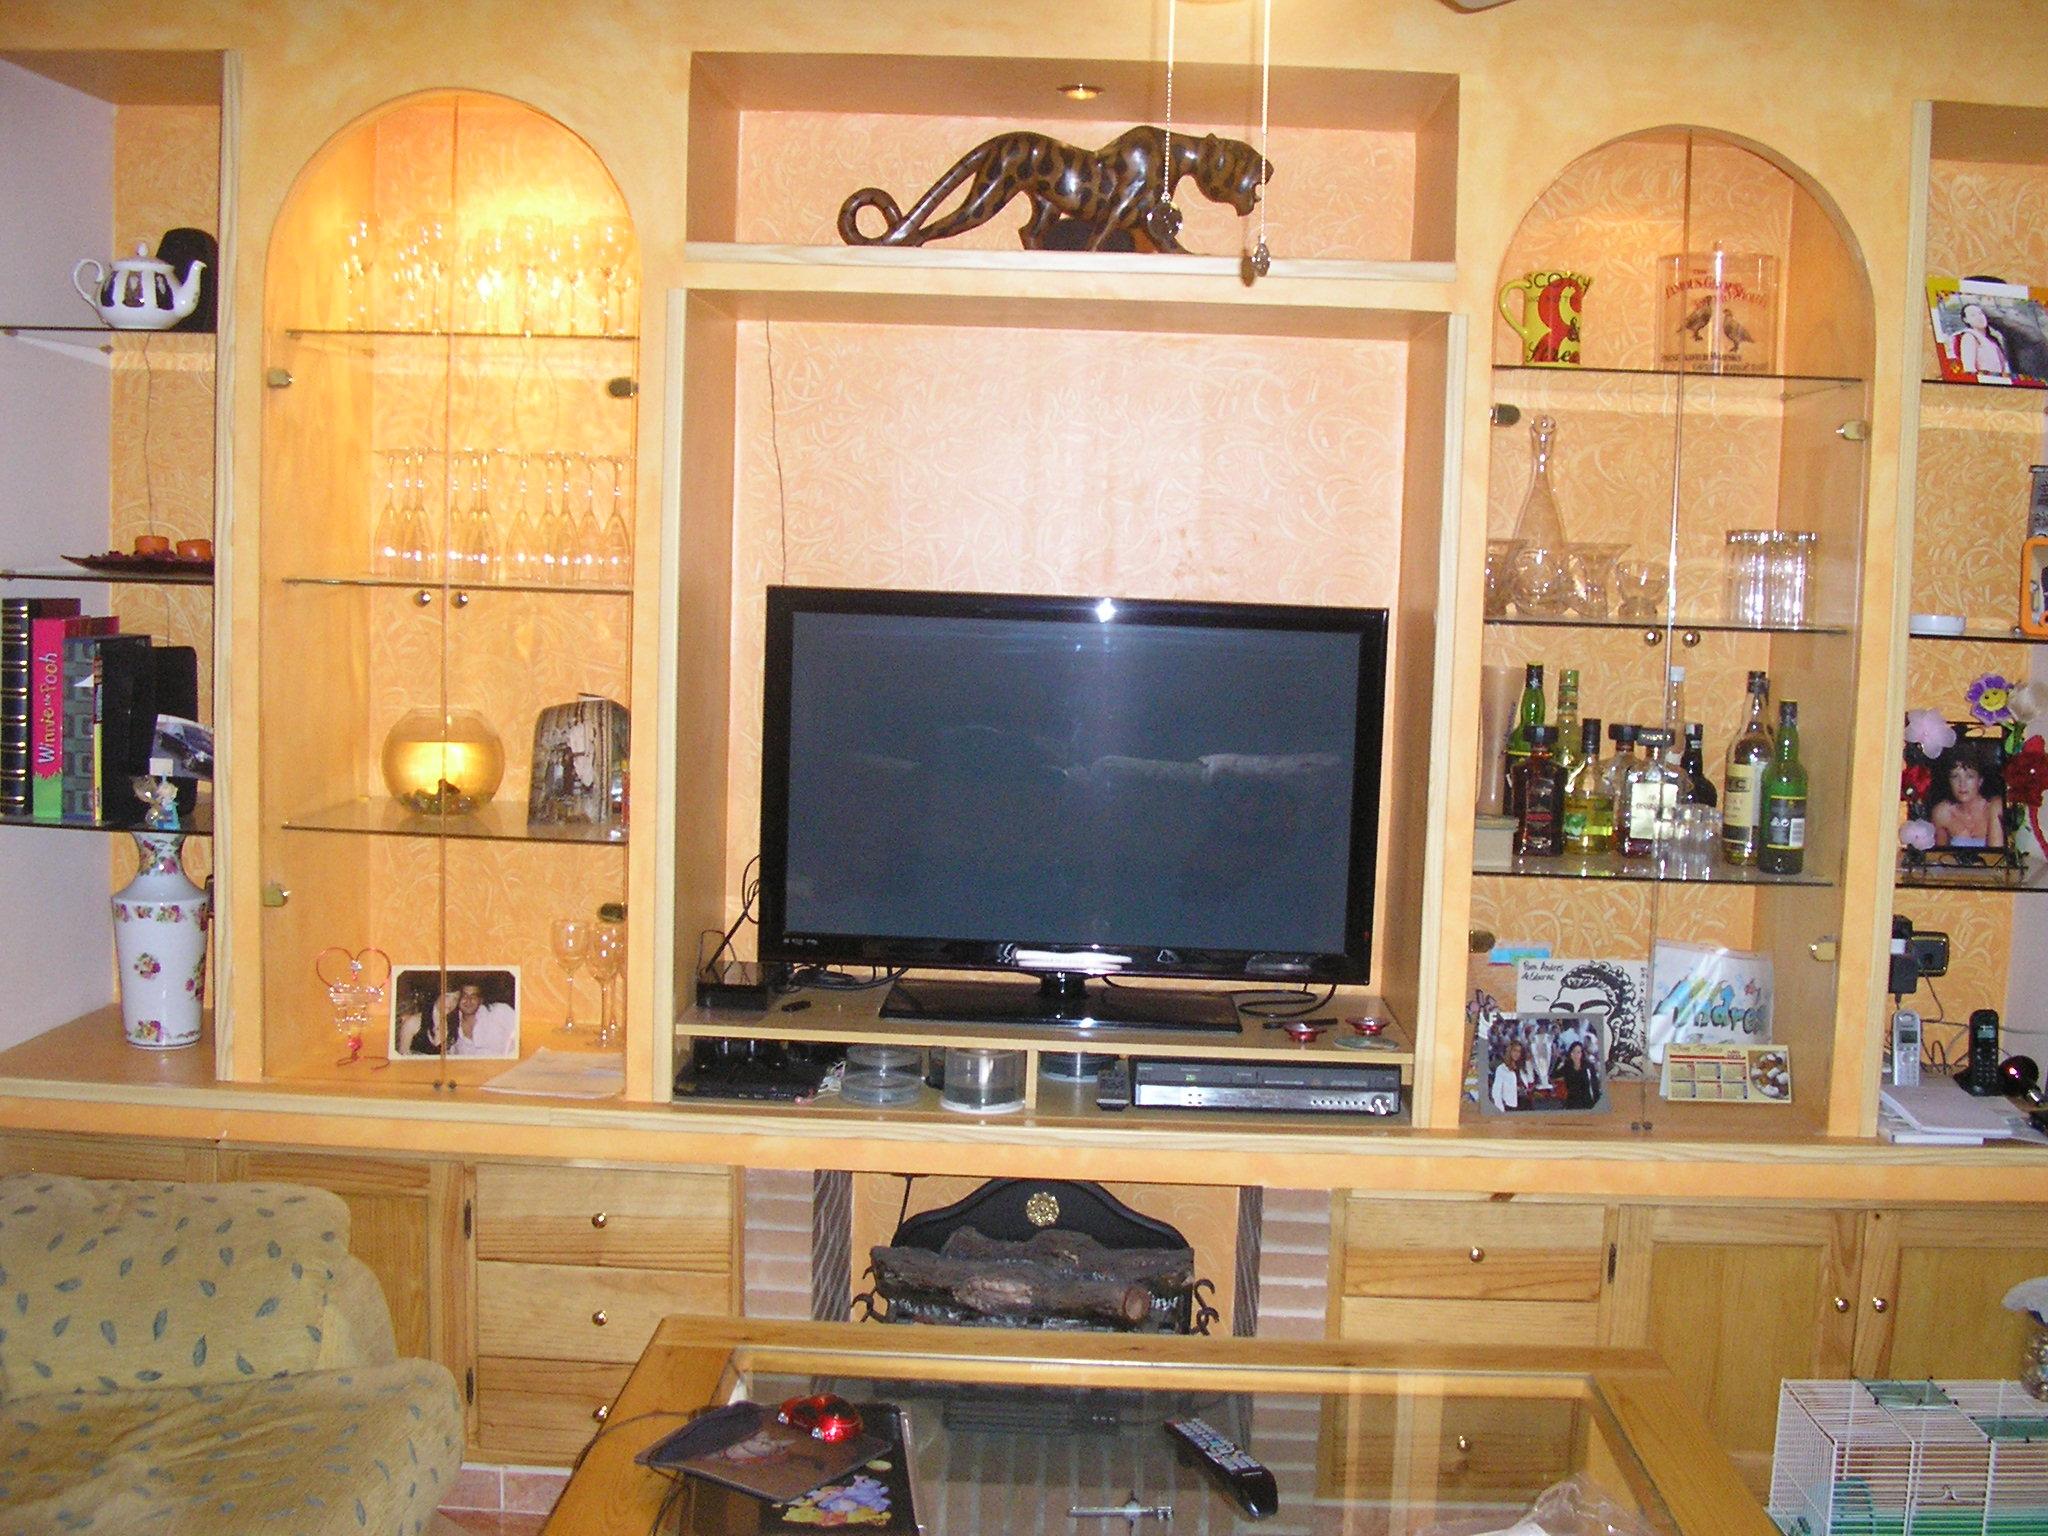 Imagenes De Muebles De Baño De Obra:fotos de cuartos de ba os decoraci n de ba os ba os peque os